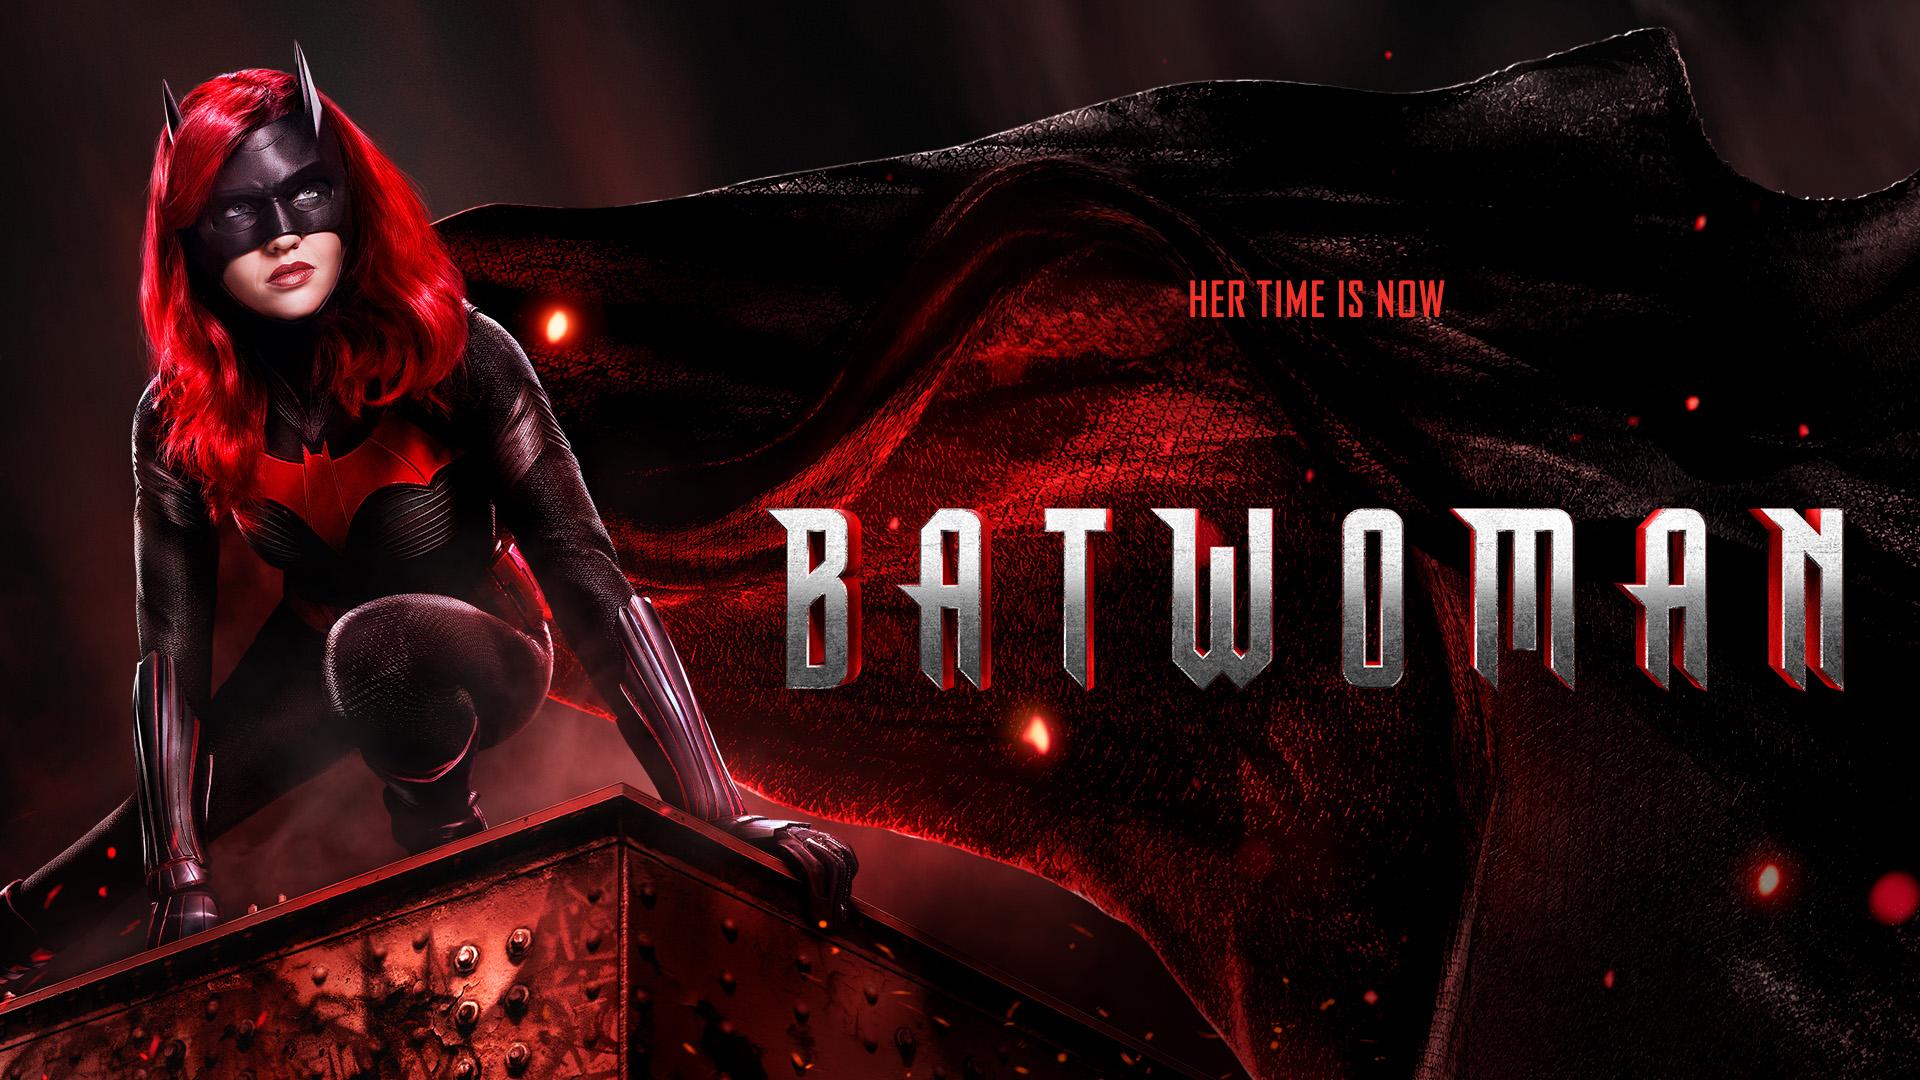 Бэтвумен: Фантазии о лучшем сценарии. - Изображение 1